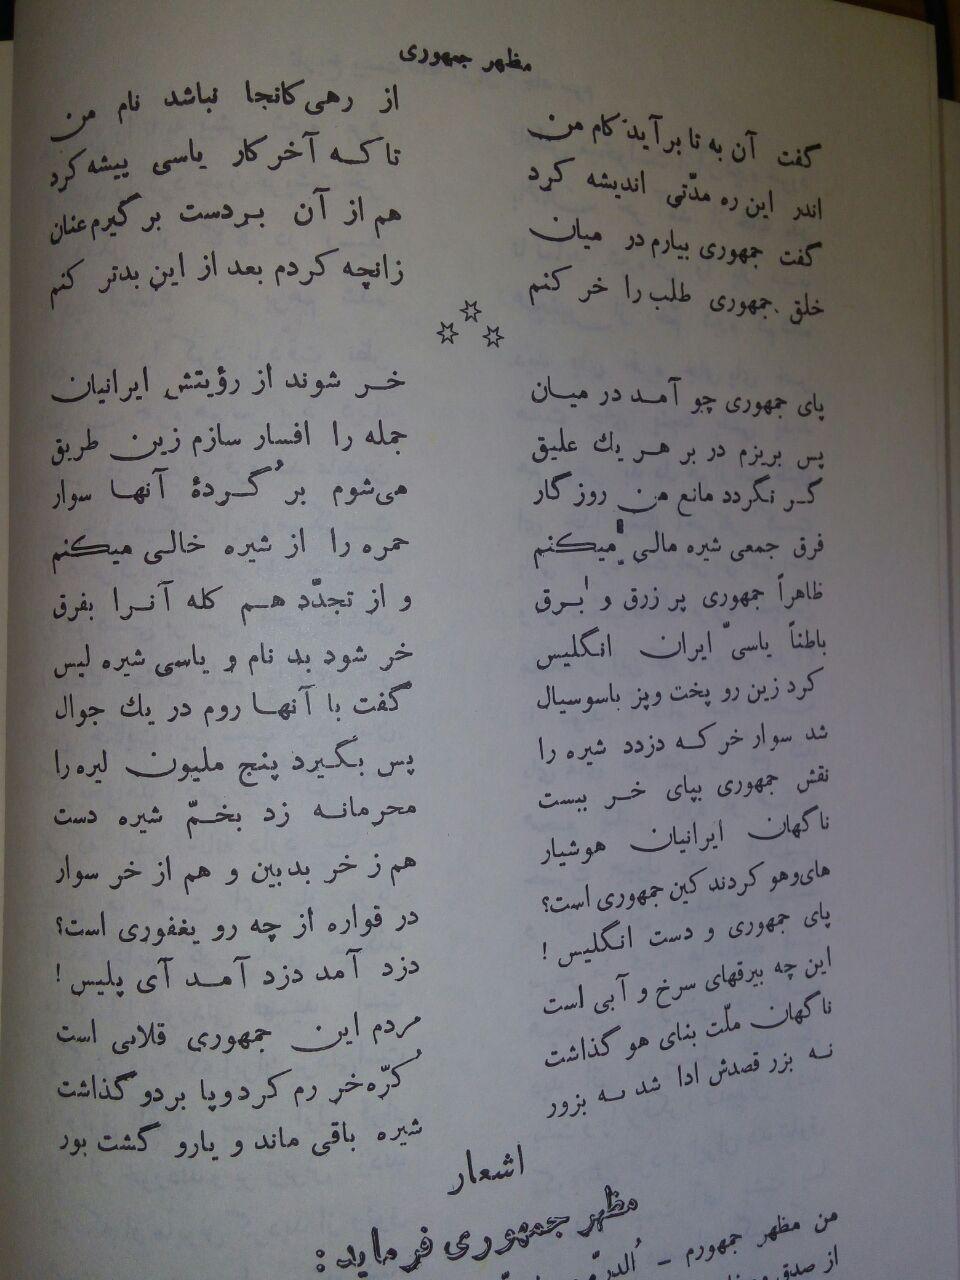 از عدم انتشار اشعار نیما یوشیج تا منتشر نشدن کتاب «یکی بود یکی نبود» جمالزاده